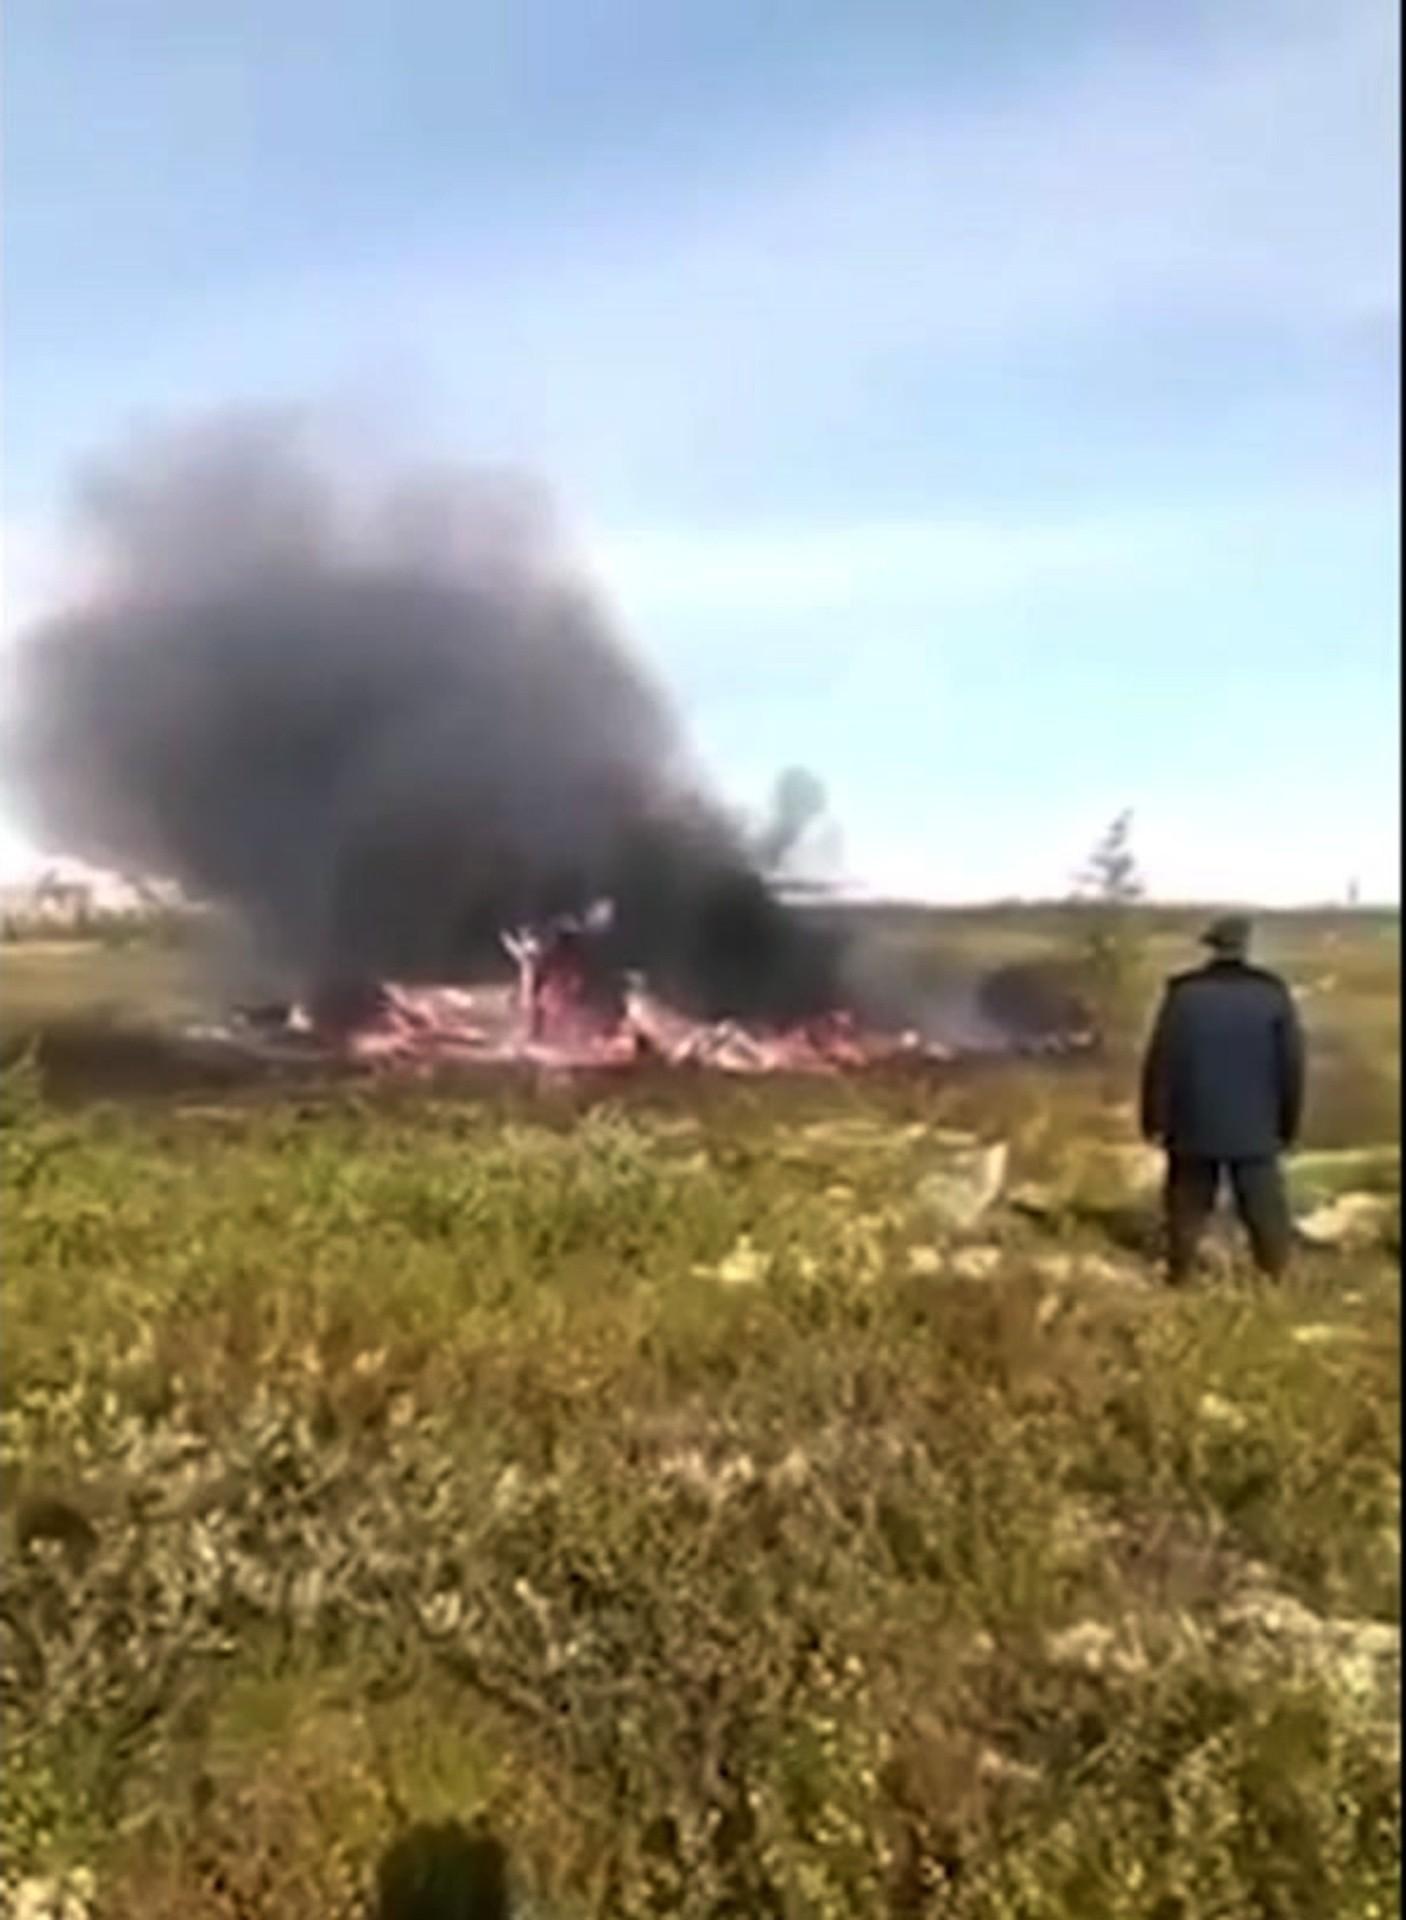 ad58124b7a Maszyna typu MI-8 runęła na ziemię około 180 kilometrów od miasta Igarka w  Kraju Krasnojarskim. Wszystkie osoby przebywające na pokładzie